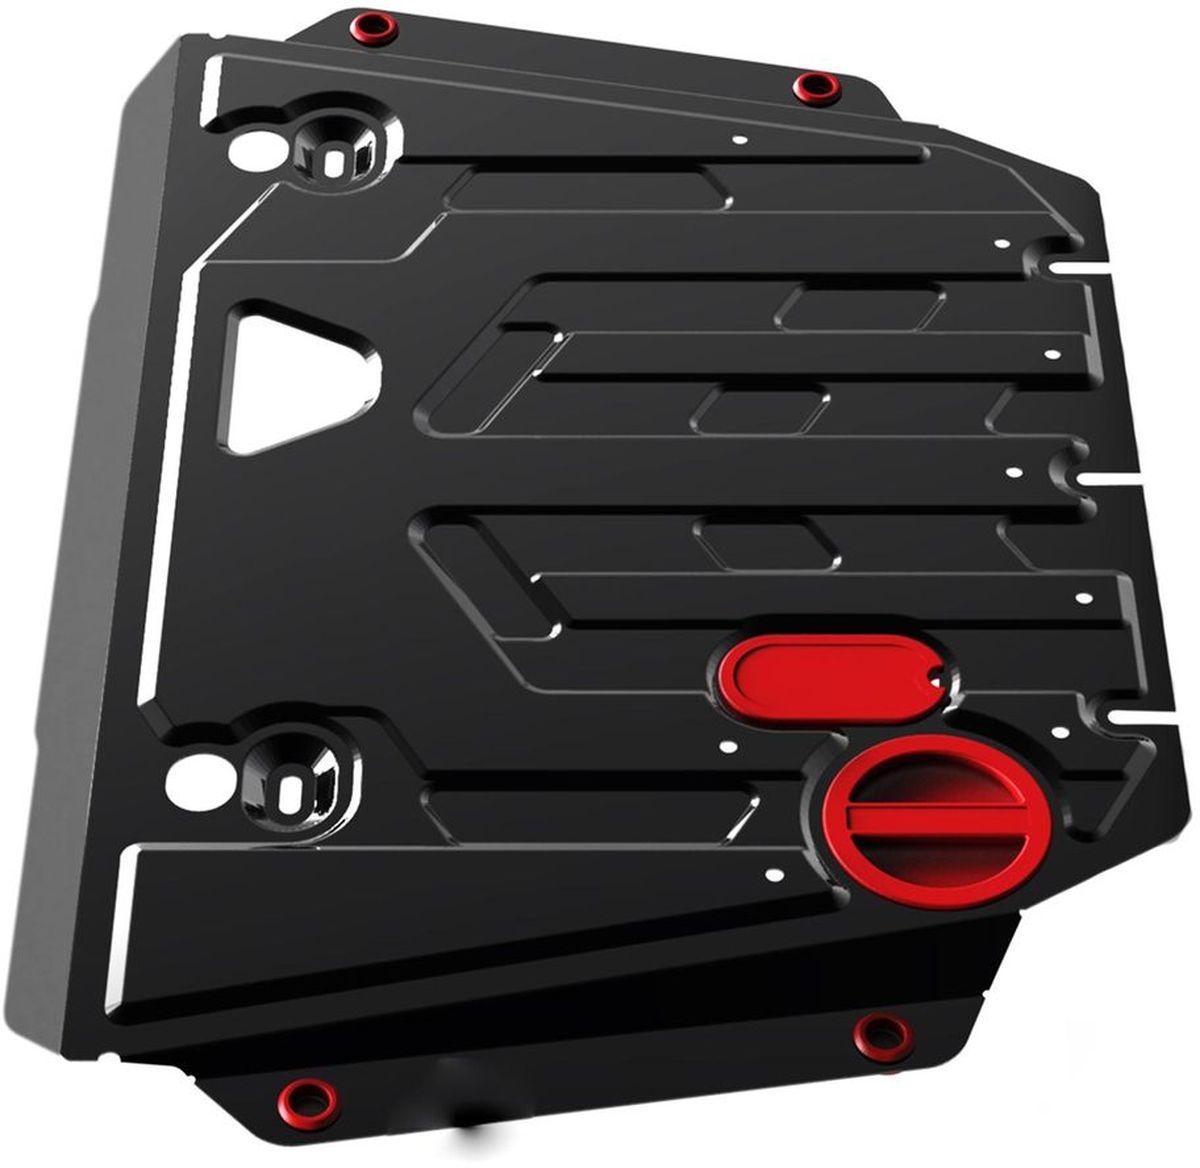 Защита картера и КПП Автоброня, для Ford Transit RWD V - 2,2TD; 2,4TD (2007-2014)111.01817.1Технологически совершенный продукт за невысокую стоимость. Защита разработана с учетом особенностей днища автомобиля, что позволяет сохранить дорожный просвет с минимальным изменением. Защита устанавливается в штатные места кузова автомобиля. Глубокий штамп обеспечивает до двух раз больше жесткости в сравнении с обычной защитой той же толщины. Проштампованные ребра жесткости препятствуют деформации защиты при ударах. Тепловой зазор и вентиляционные отверстия обеспечивают сохранение температурного режима двигателя в норме. Скрытый крепеж предотвращает срыв крепежных элементов при наезде на препятствие. Шумопоглощающие резиновые элементы обеспечивают комфортную езду без вибраций и скрежета металла, а съемные лючки для слива масла и замены фильтра - экономию средств и время. Конструкция изделия не влияет на пассивную безопасность автомобиля (при ударе защита не воздействует на деформационные зоны кузова). Со штатным крепежом. В комплекте инструкция по установке....